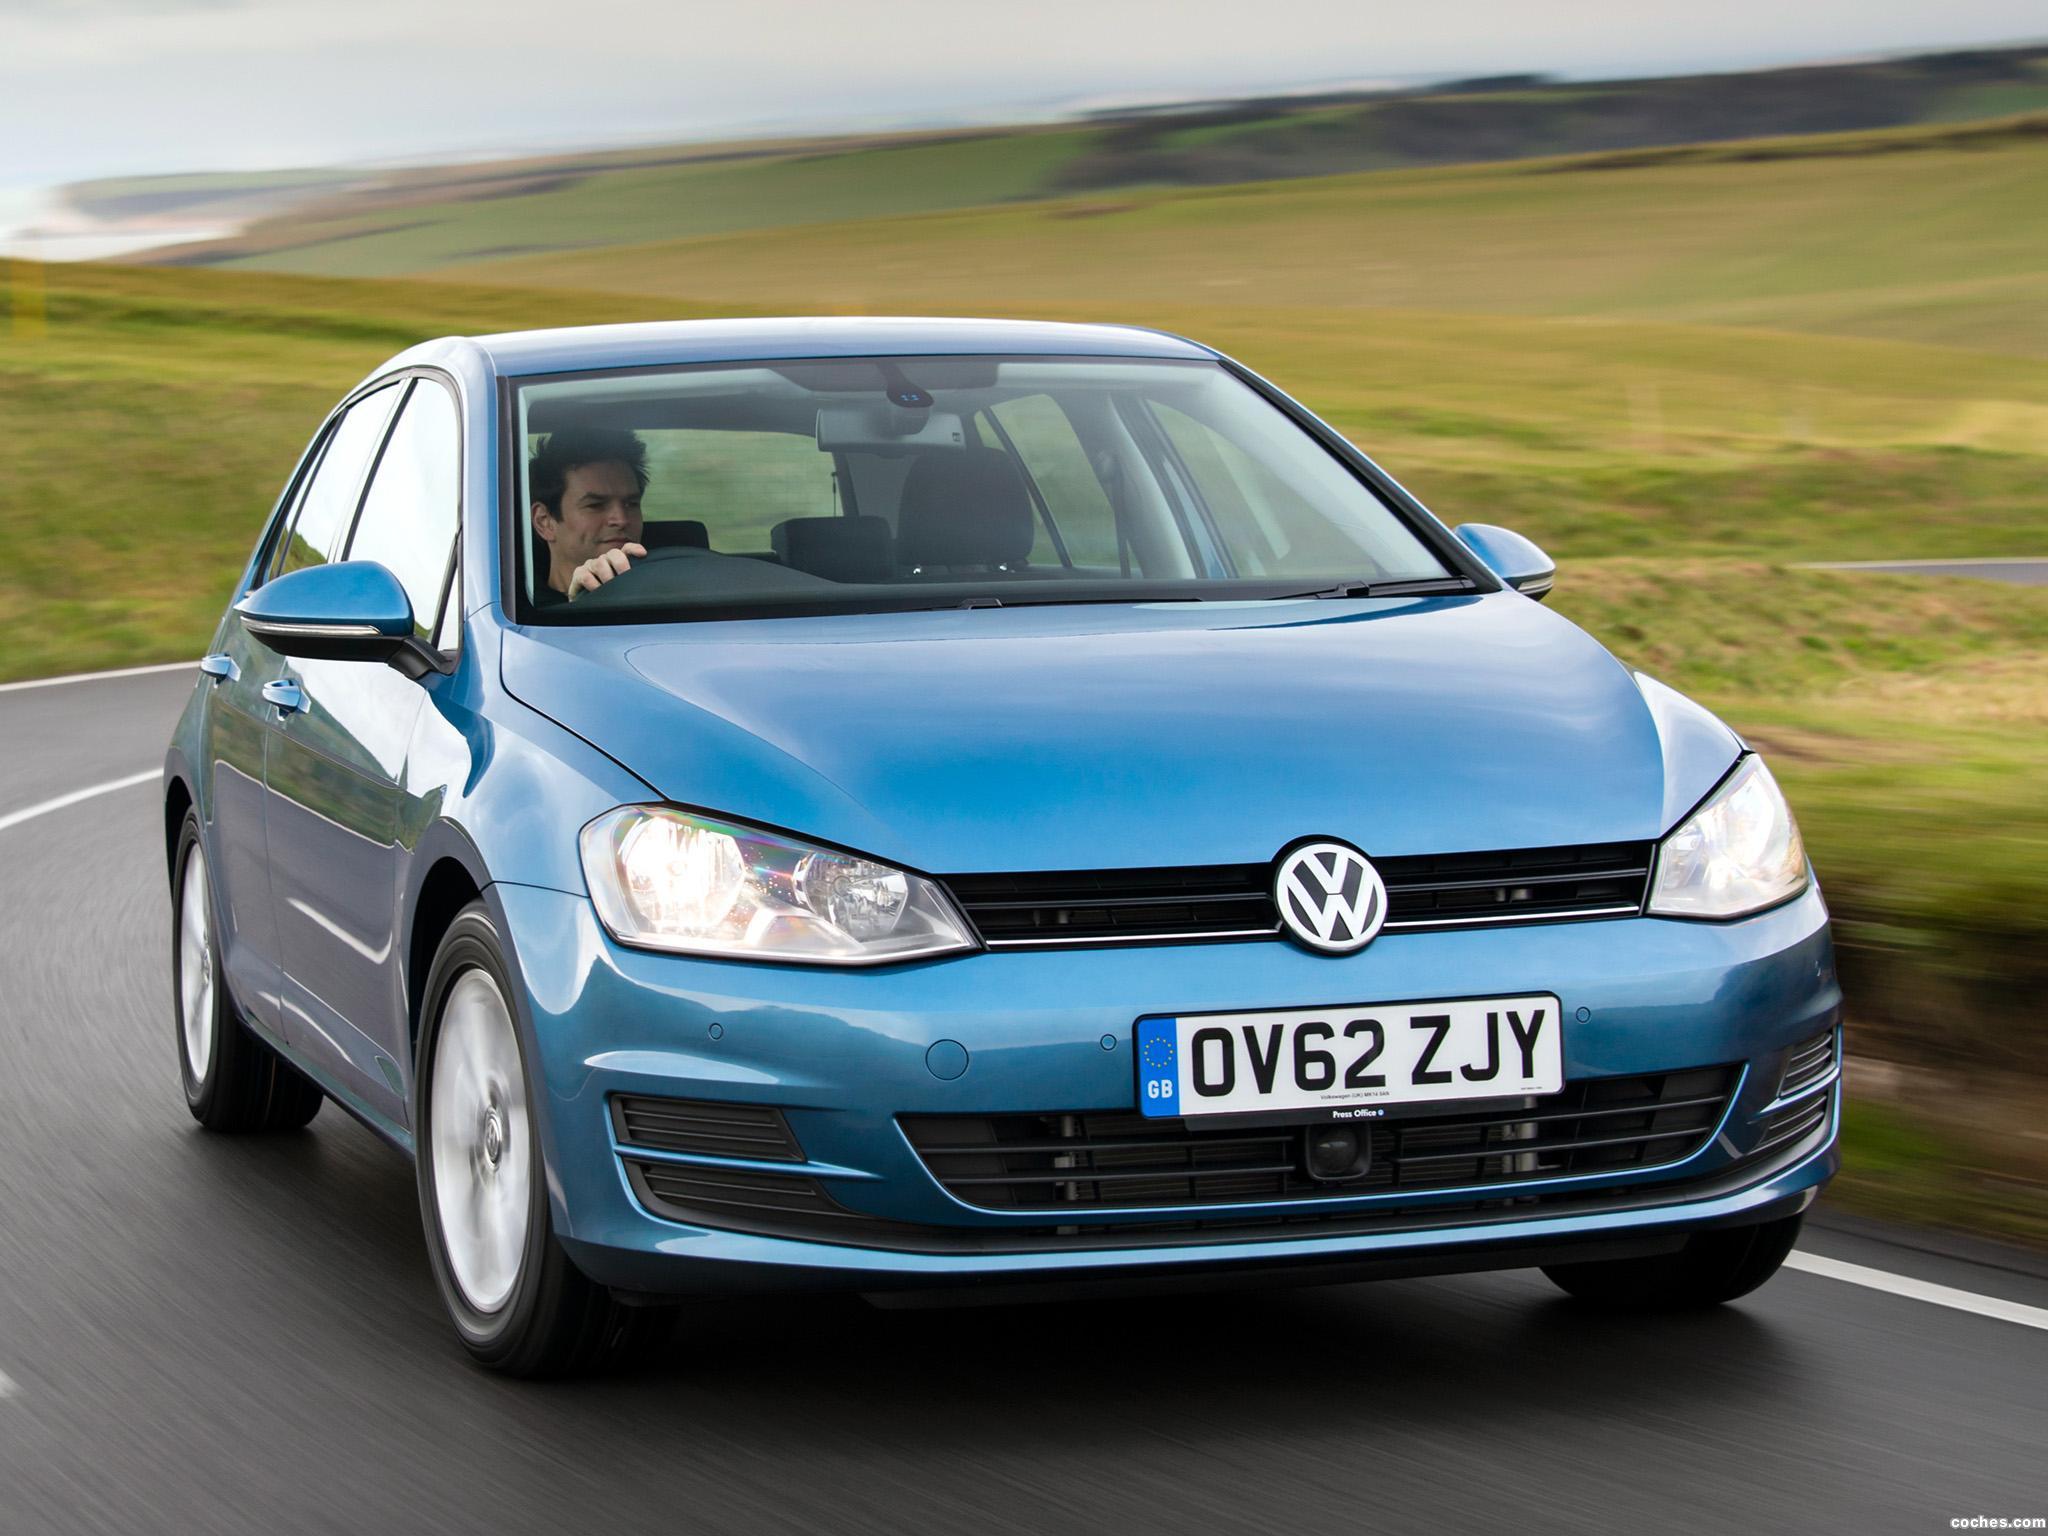 Foto 0 de Volkswagen Golf 7 5 puertas TDI Bluemotion UK 2013